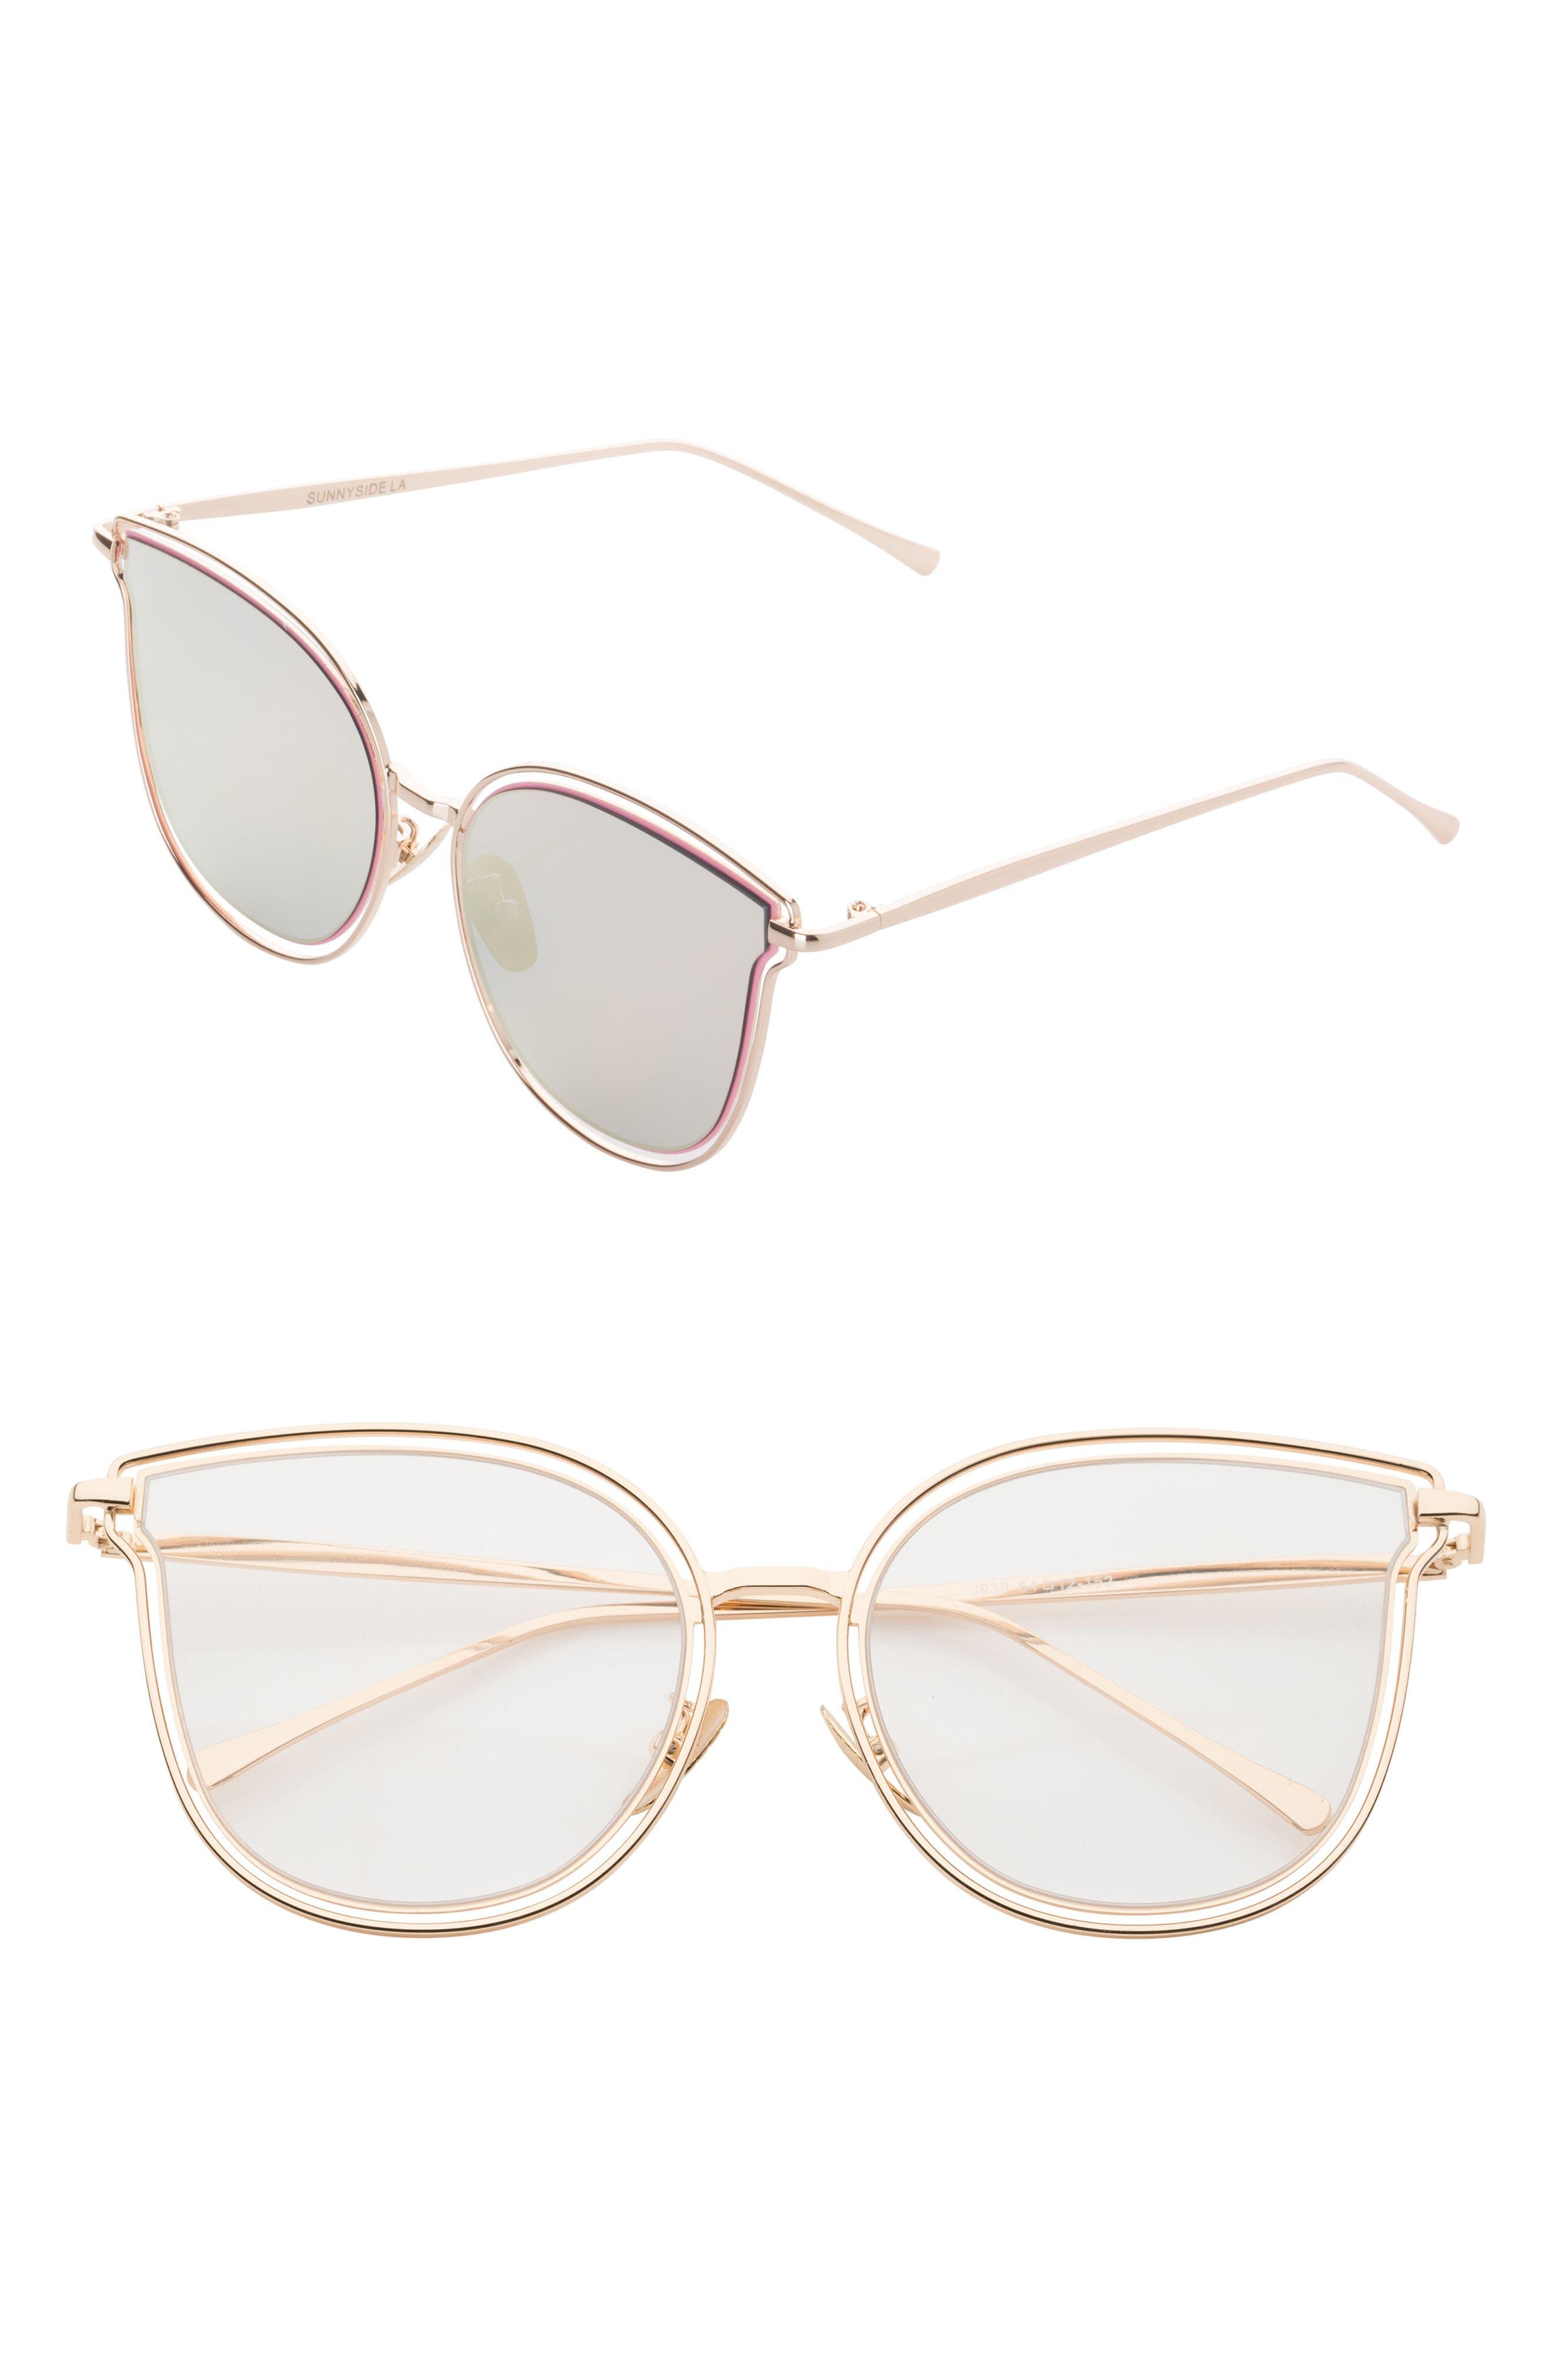 Sunnyside LA 54mm Cat Eye Clear Glasses